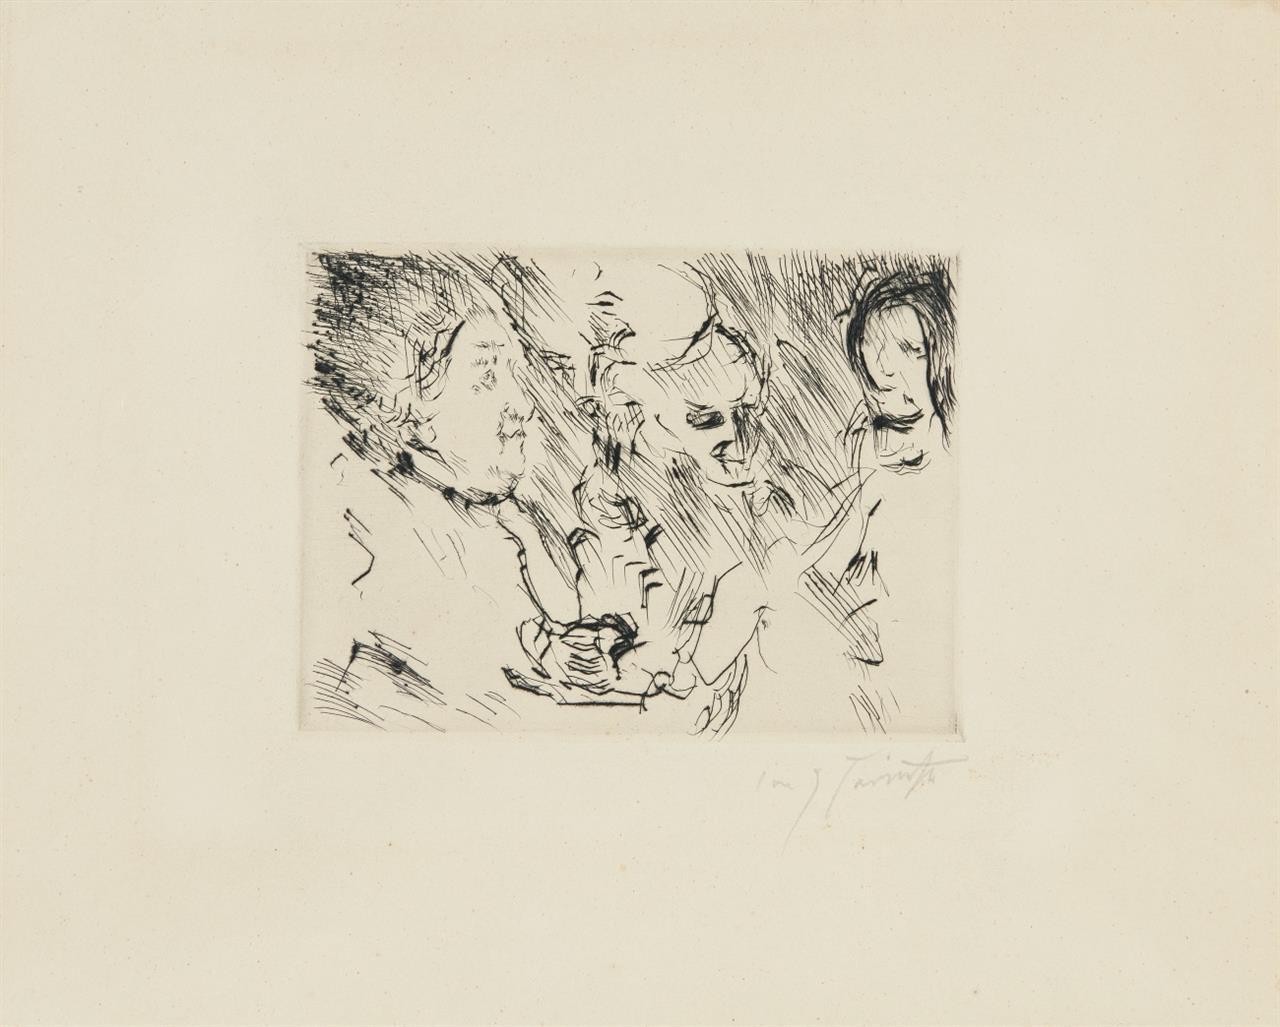 Lovis Corinth. Drei Personen am Tisch bei Lampenschein. 1924. Kaltnadelradierung. Signiert.